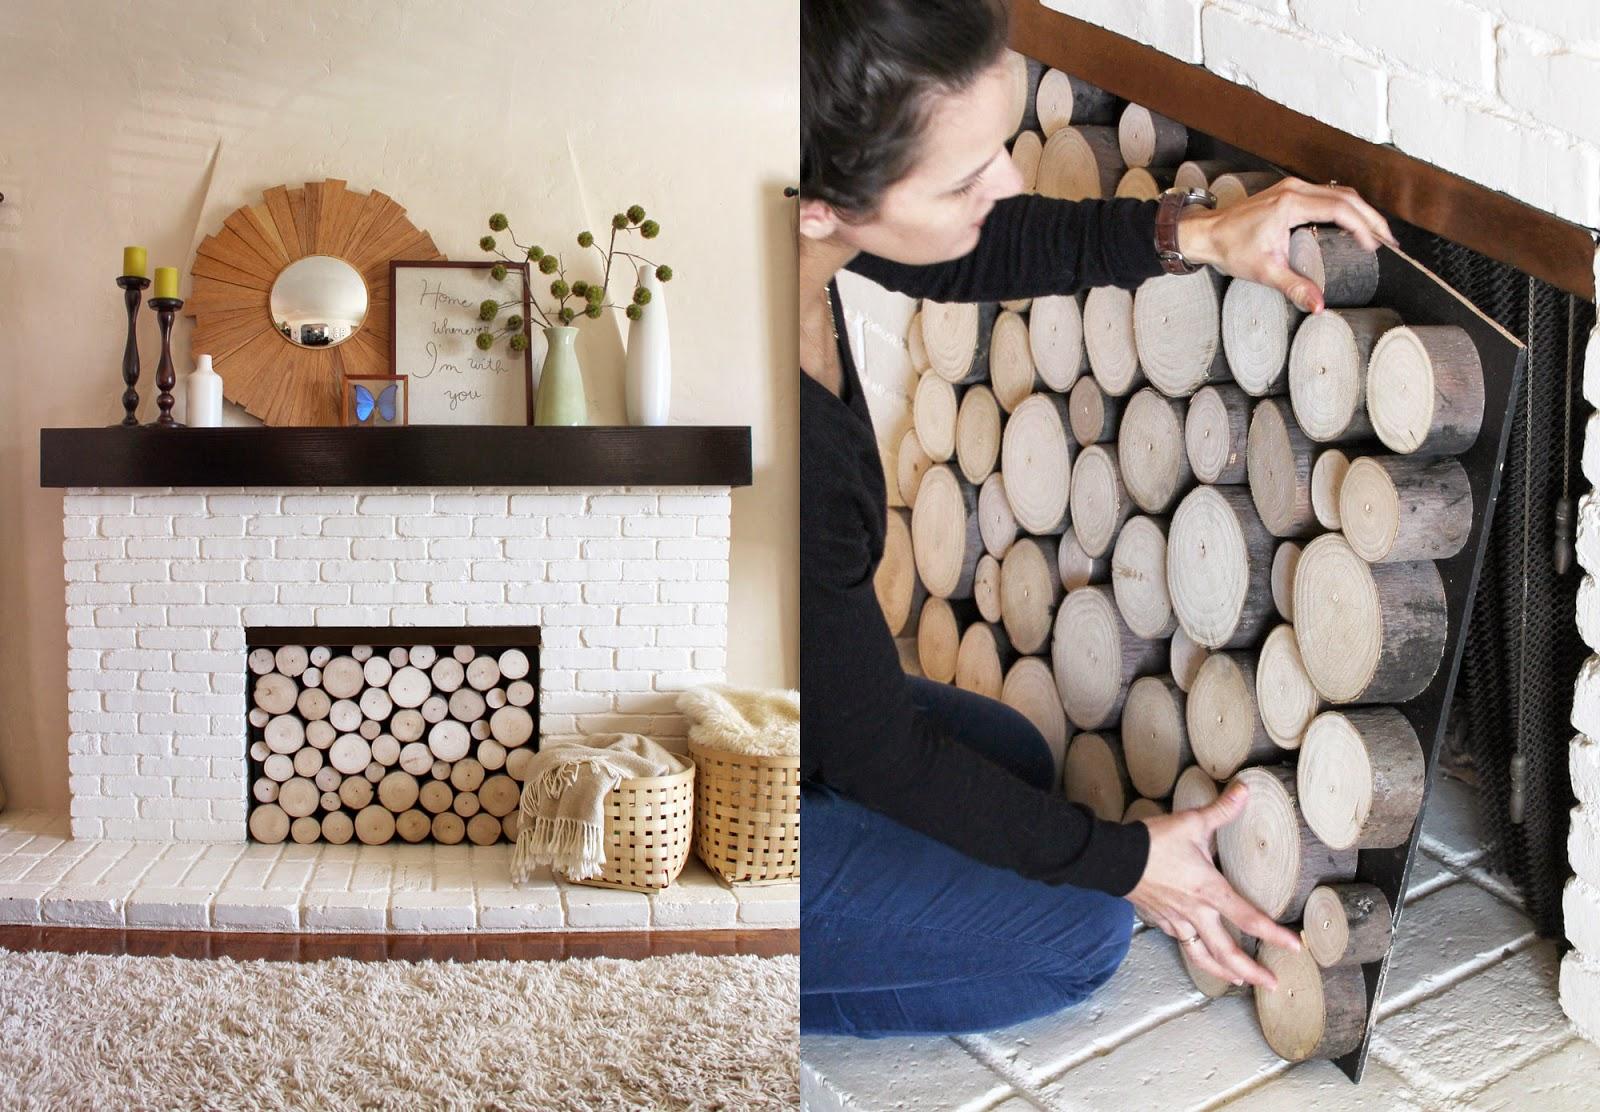 la fabrique d co chemin e condamn e la clef d 39 une. Black Bedroom Furniture Sets. Home Design Ideas